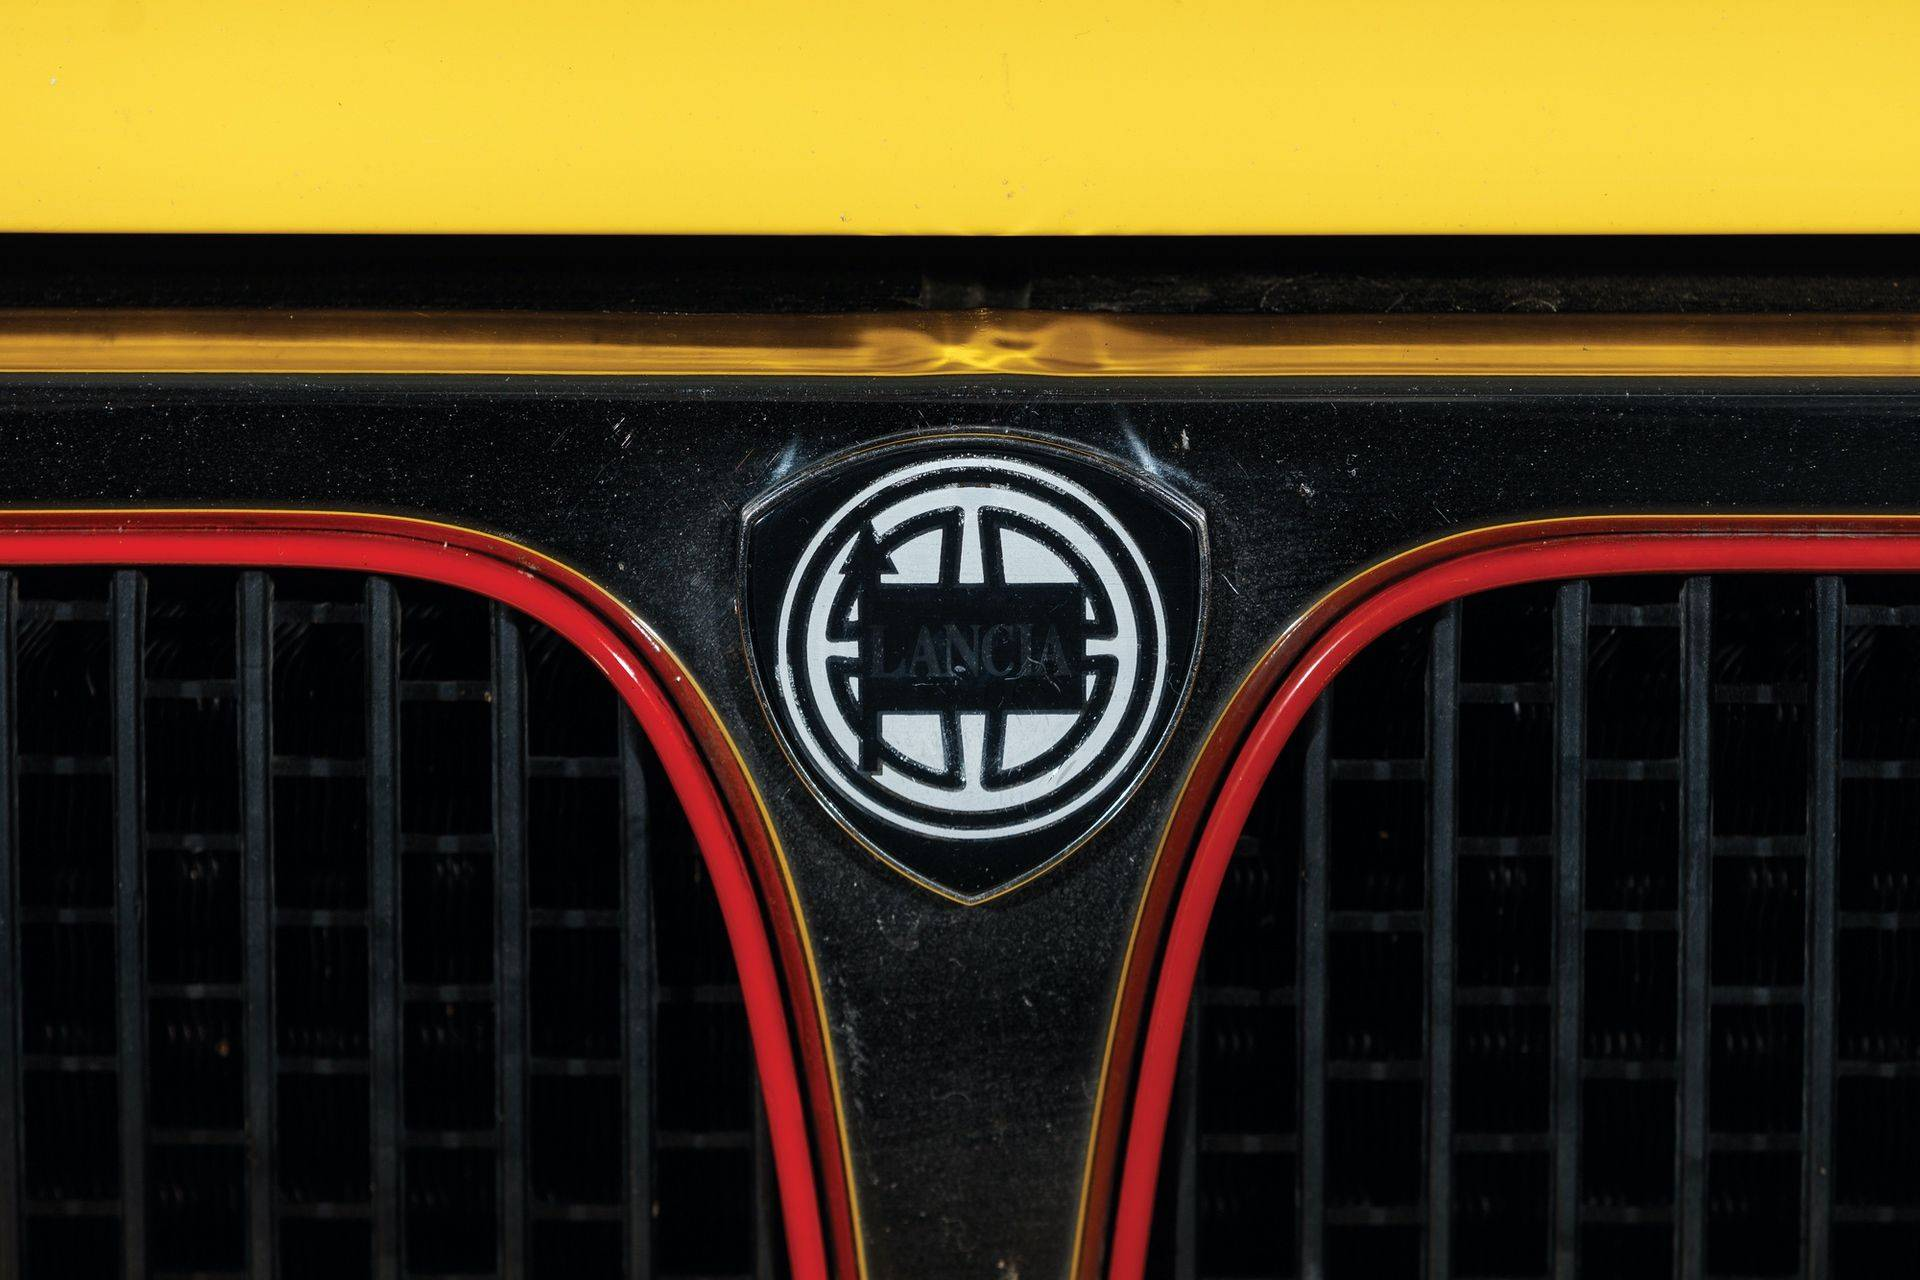 1993-Lancia-Delta-HF-Integrale-Evoluzione-II-_5